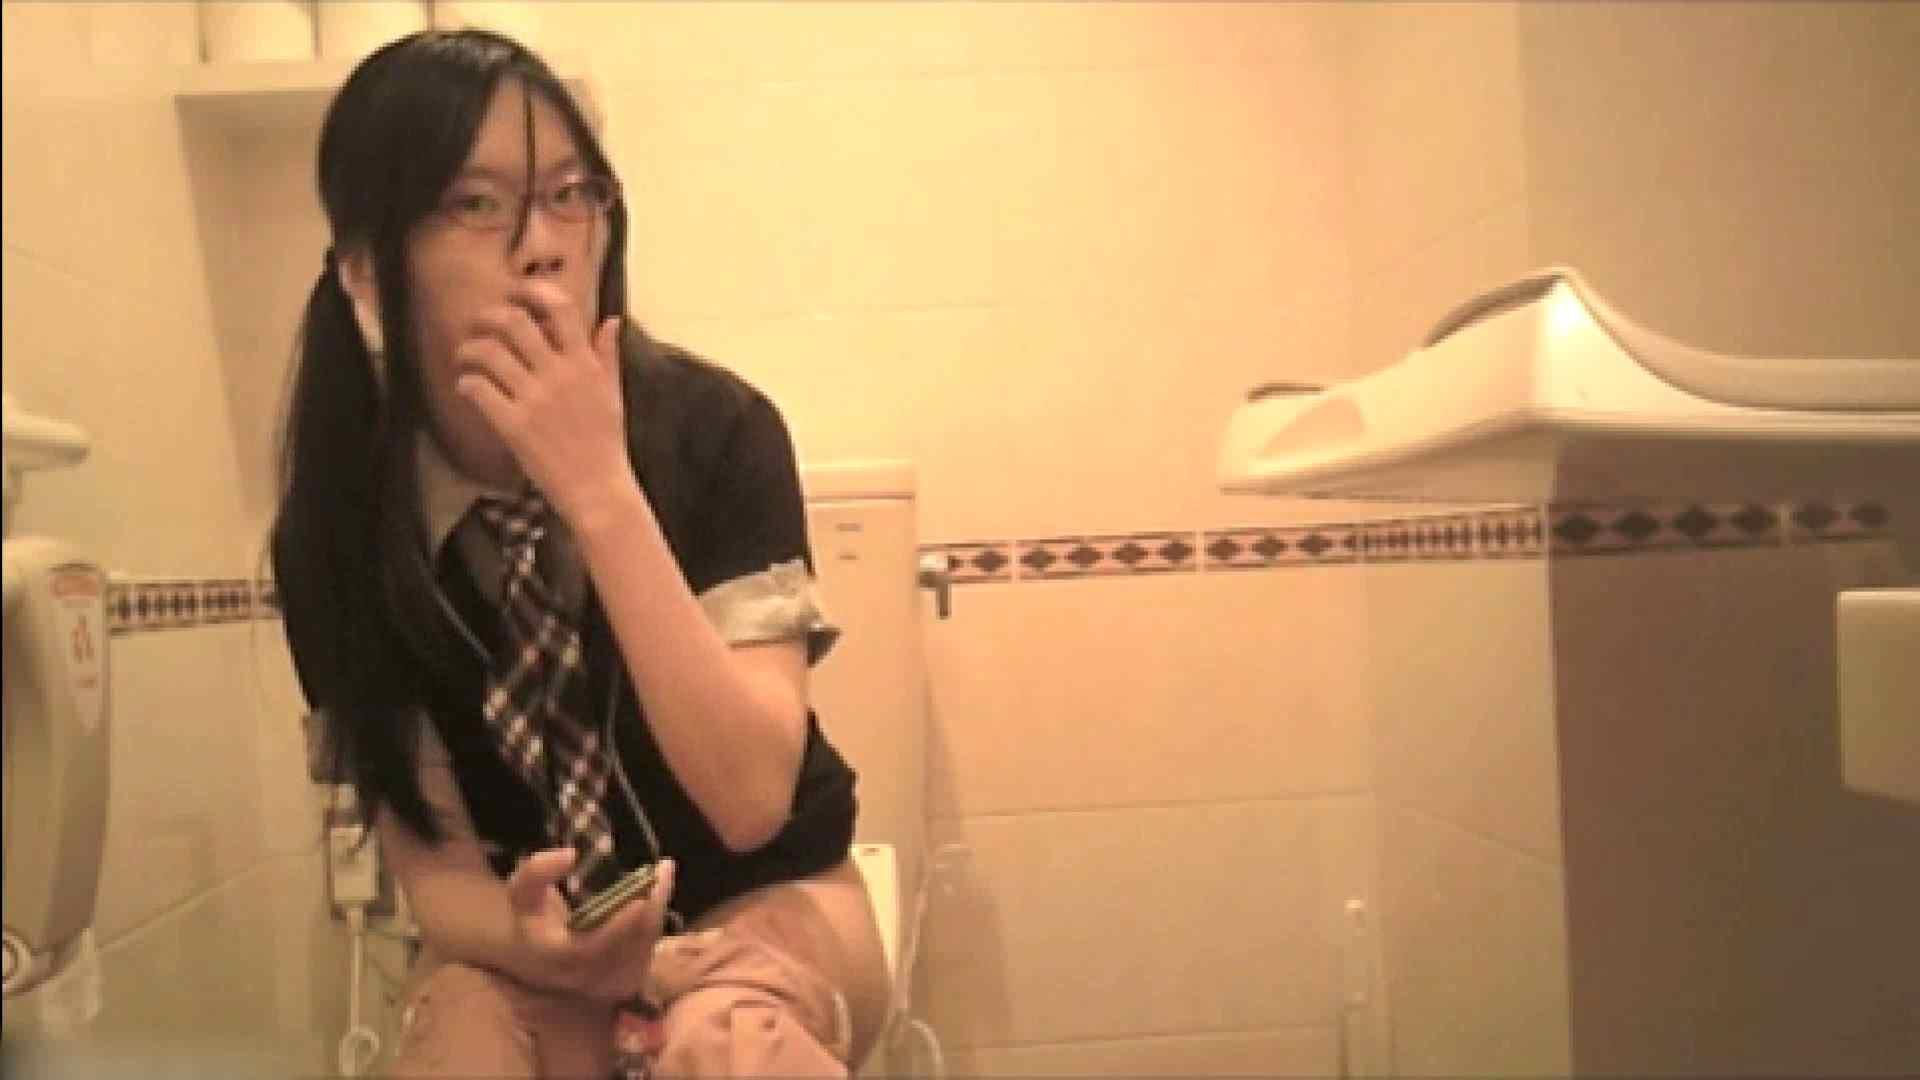 実録!!綺麗なお姉さんのトイレ事情・・・。vol.19 独身エッチOL   お姉さんの女体  22pic 8